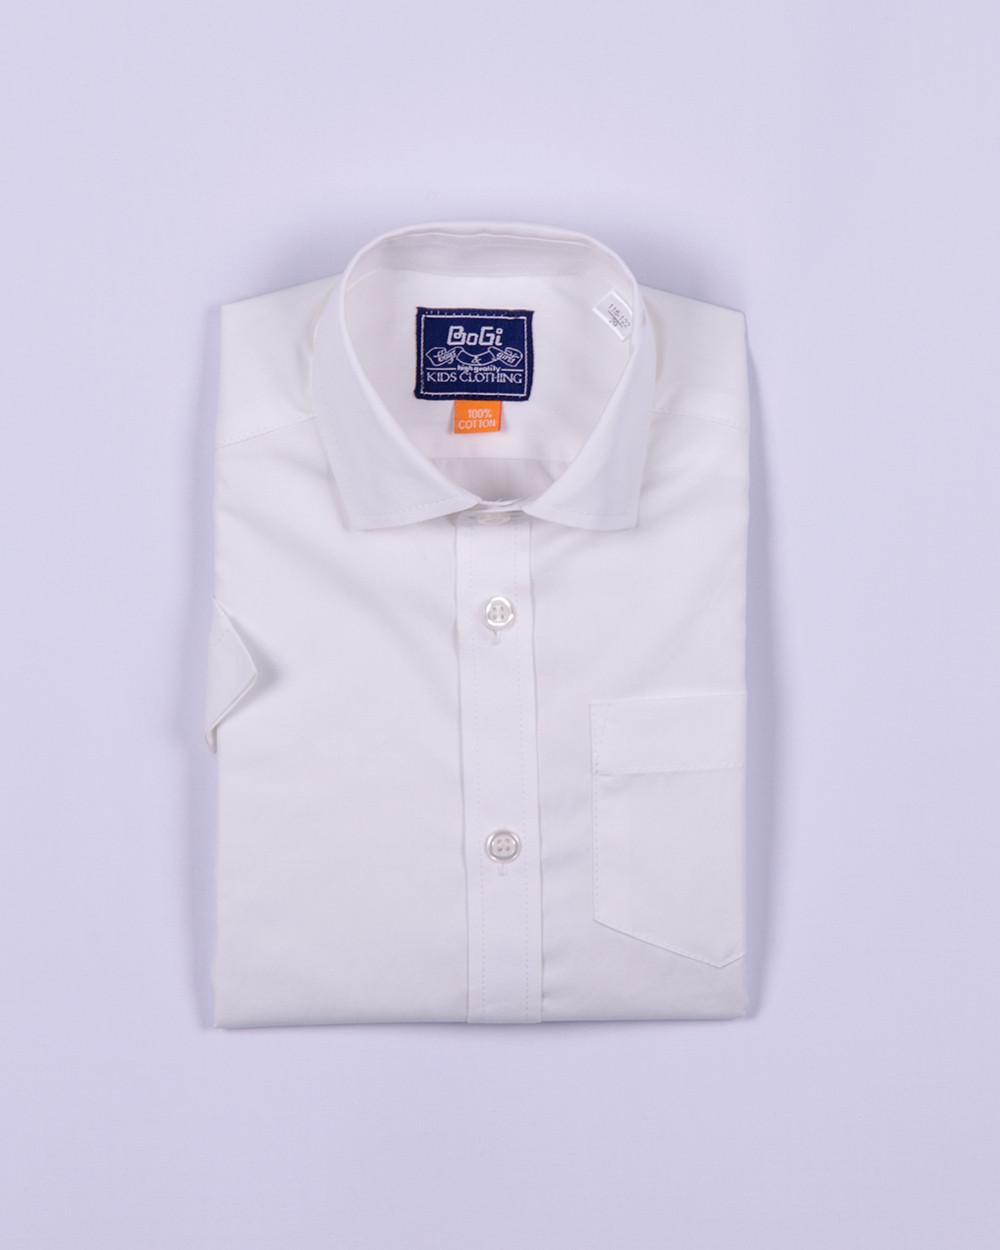 Рубашка классическая короткий рукав, белая, 100% хлопок, BOGI (Божи)